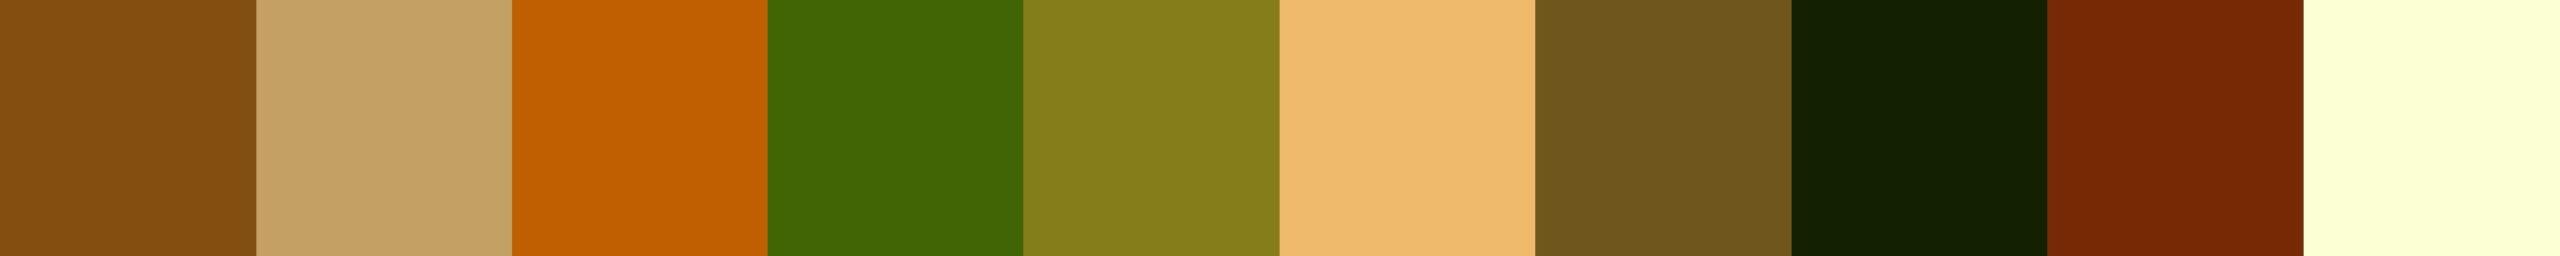 234 Deripapa Color Palette